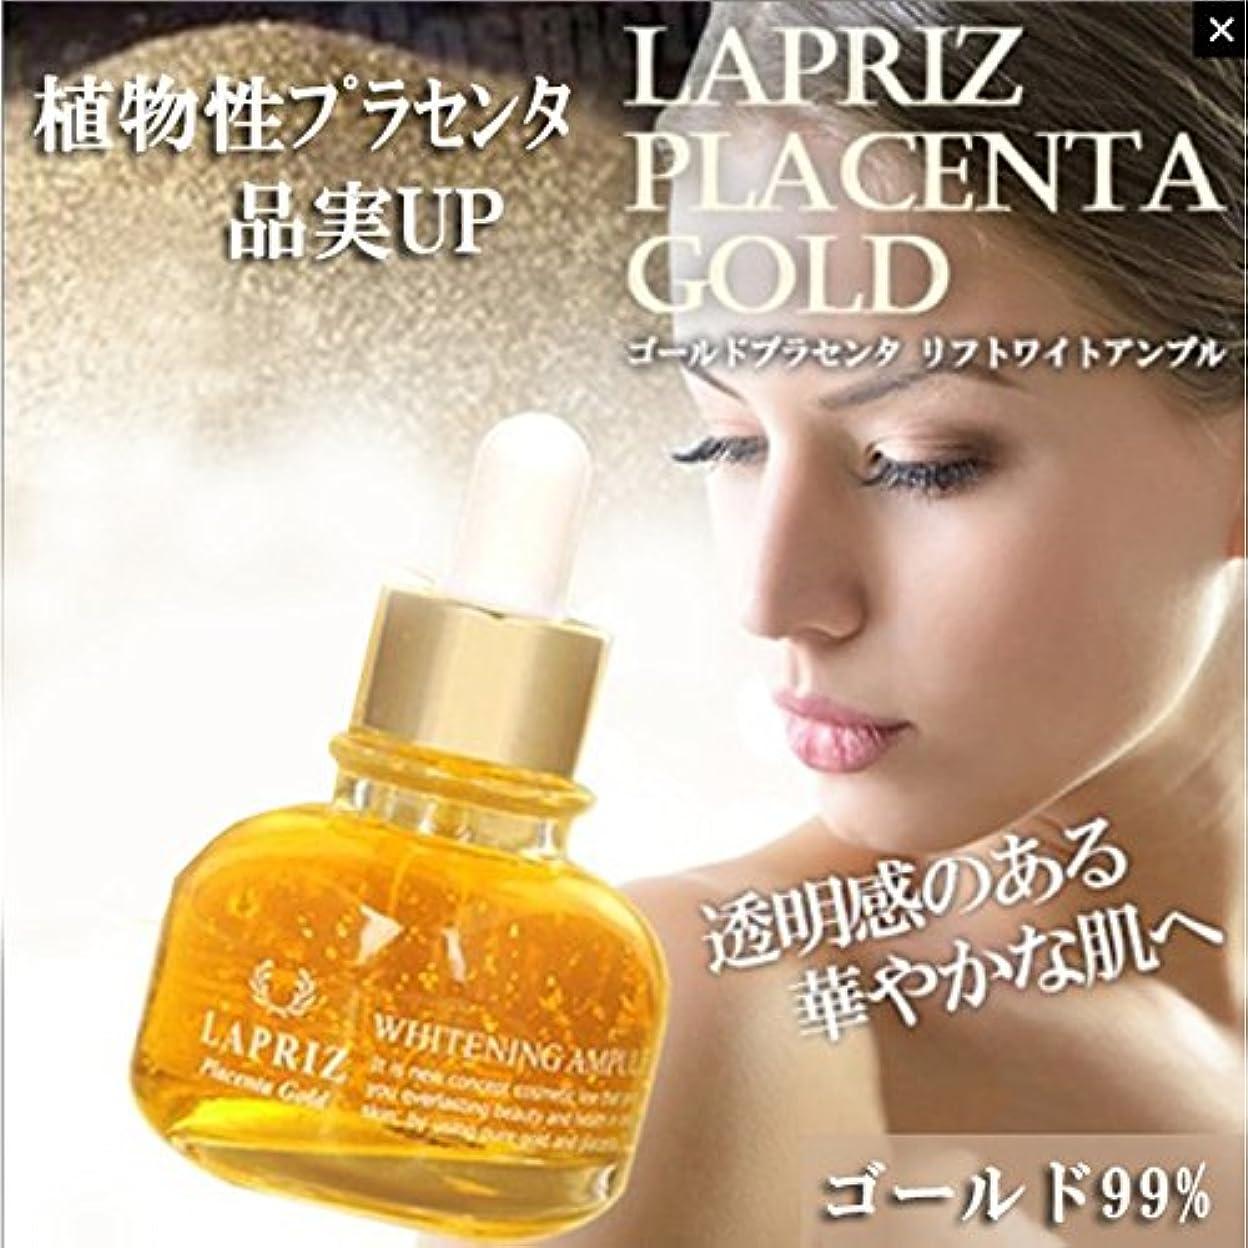 通訳エキゾチック地味な【LAPRIZ/ラプリズ】プラセンタゴルードホワイトニングアンプル99.9% ゴールド